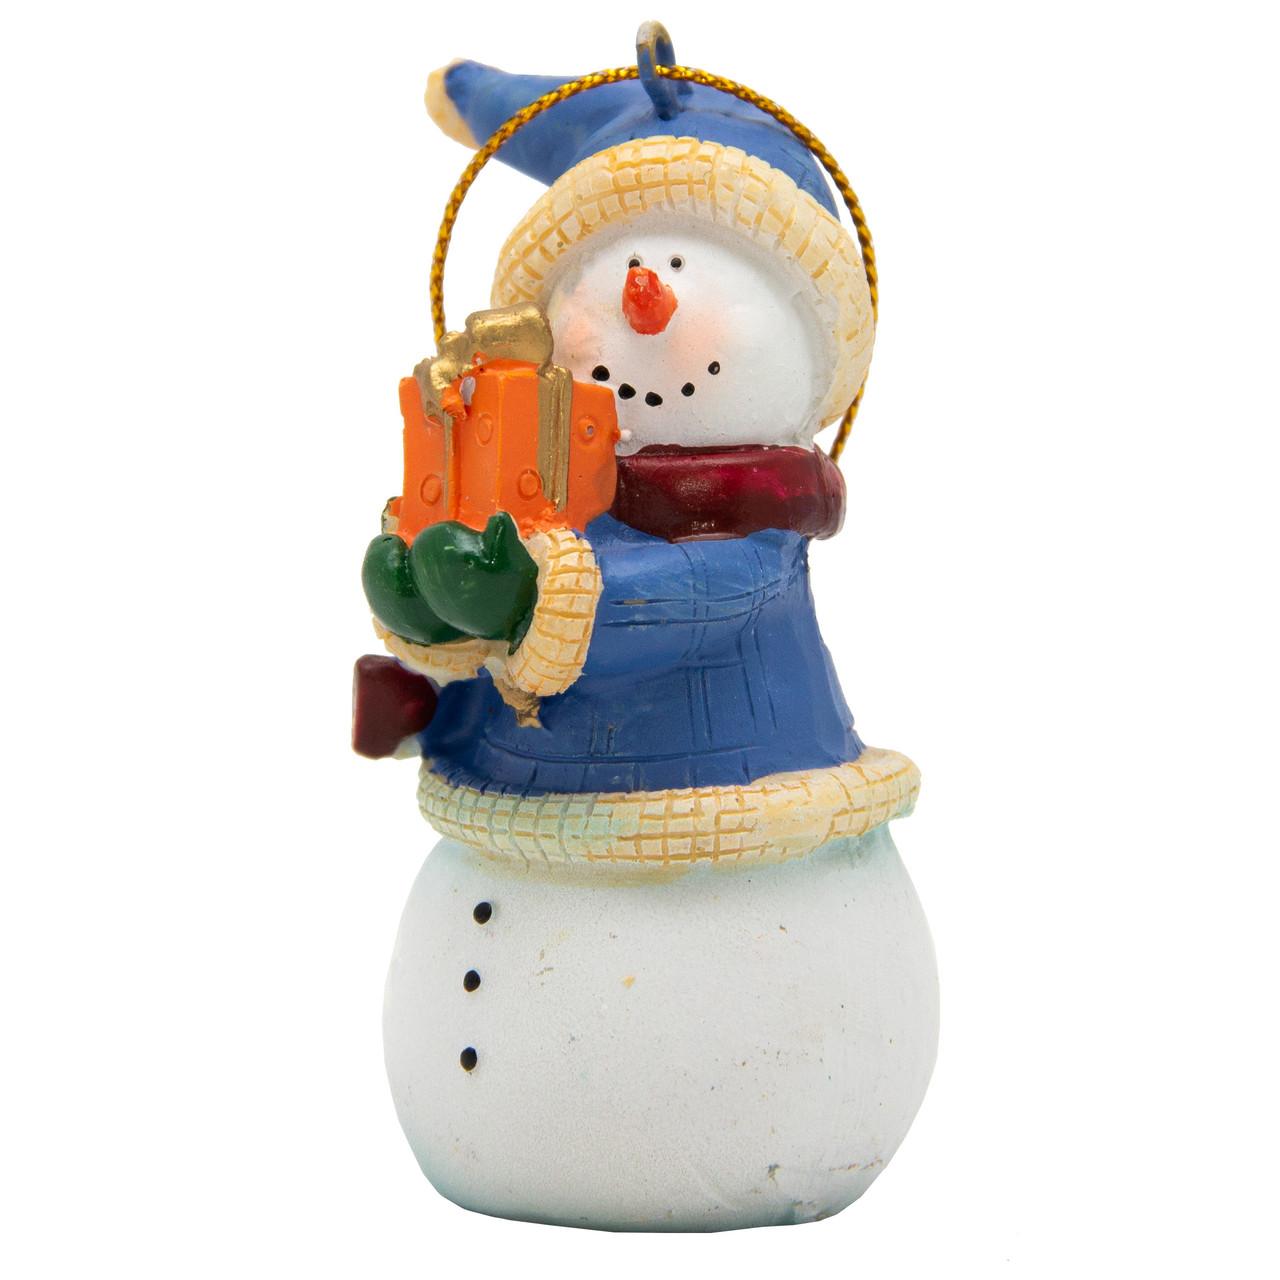 Новогодняя елочная игрушка - фигурка Снеговик с подарком, 9 см, белый, полистоун (000180-5)